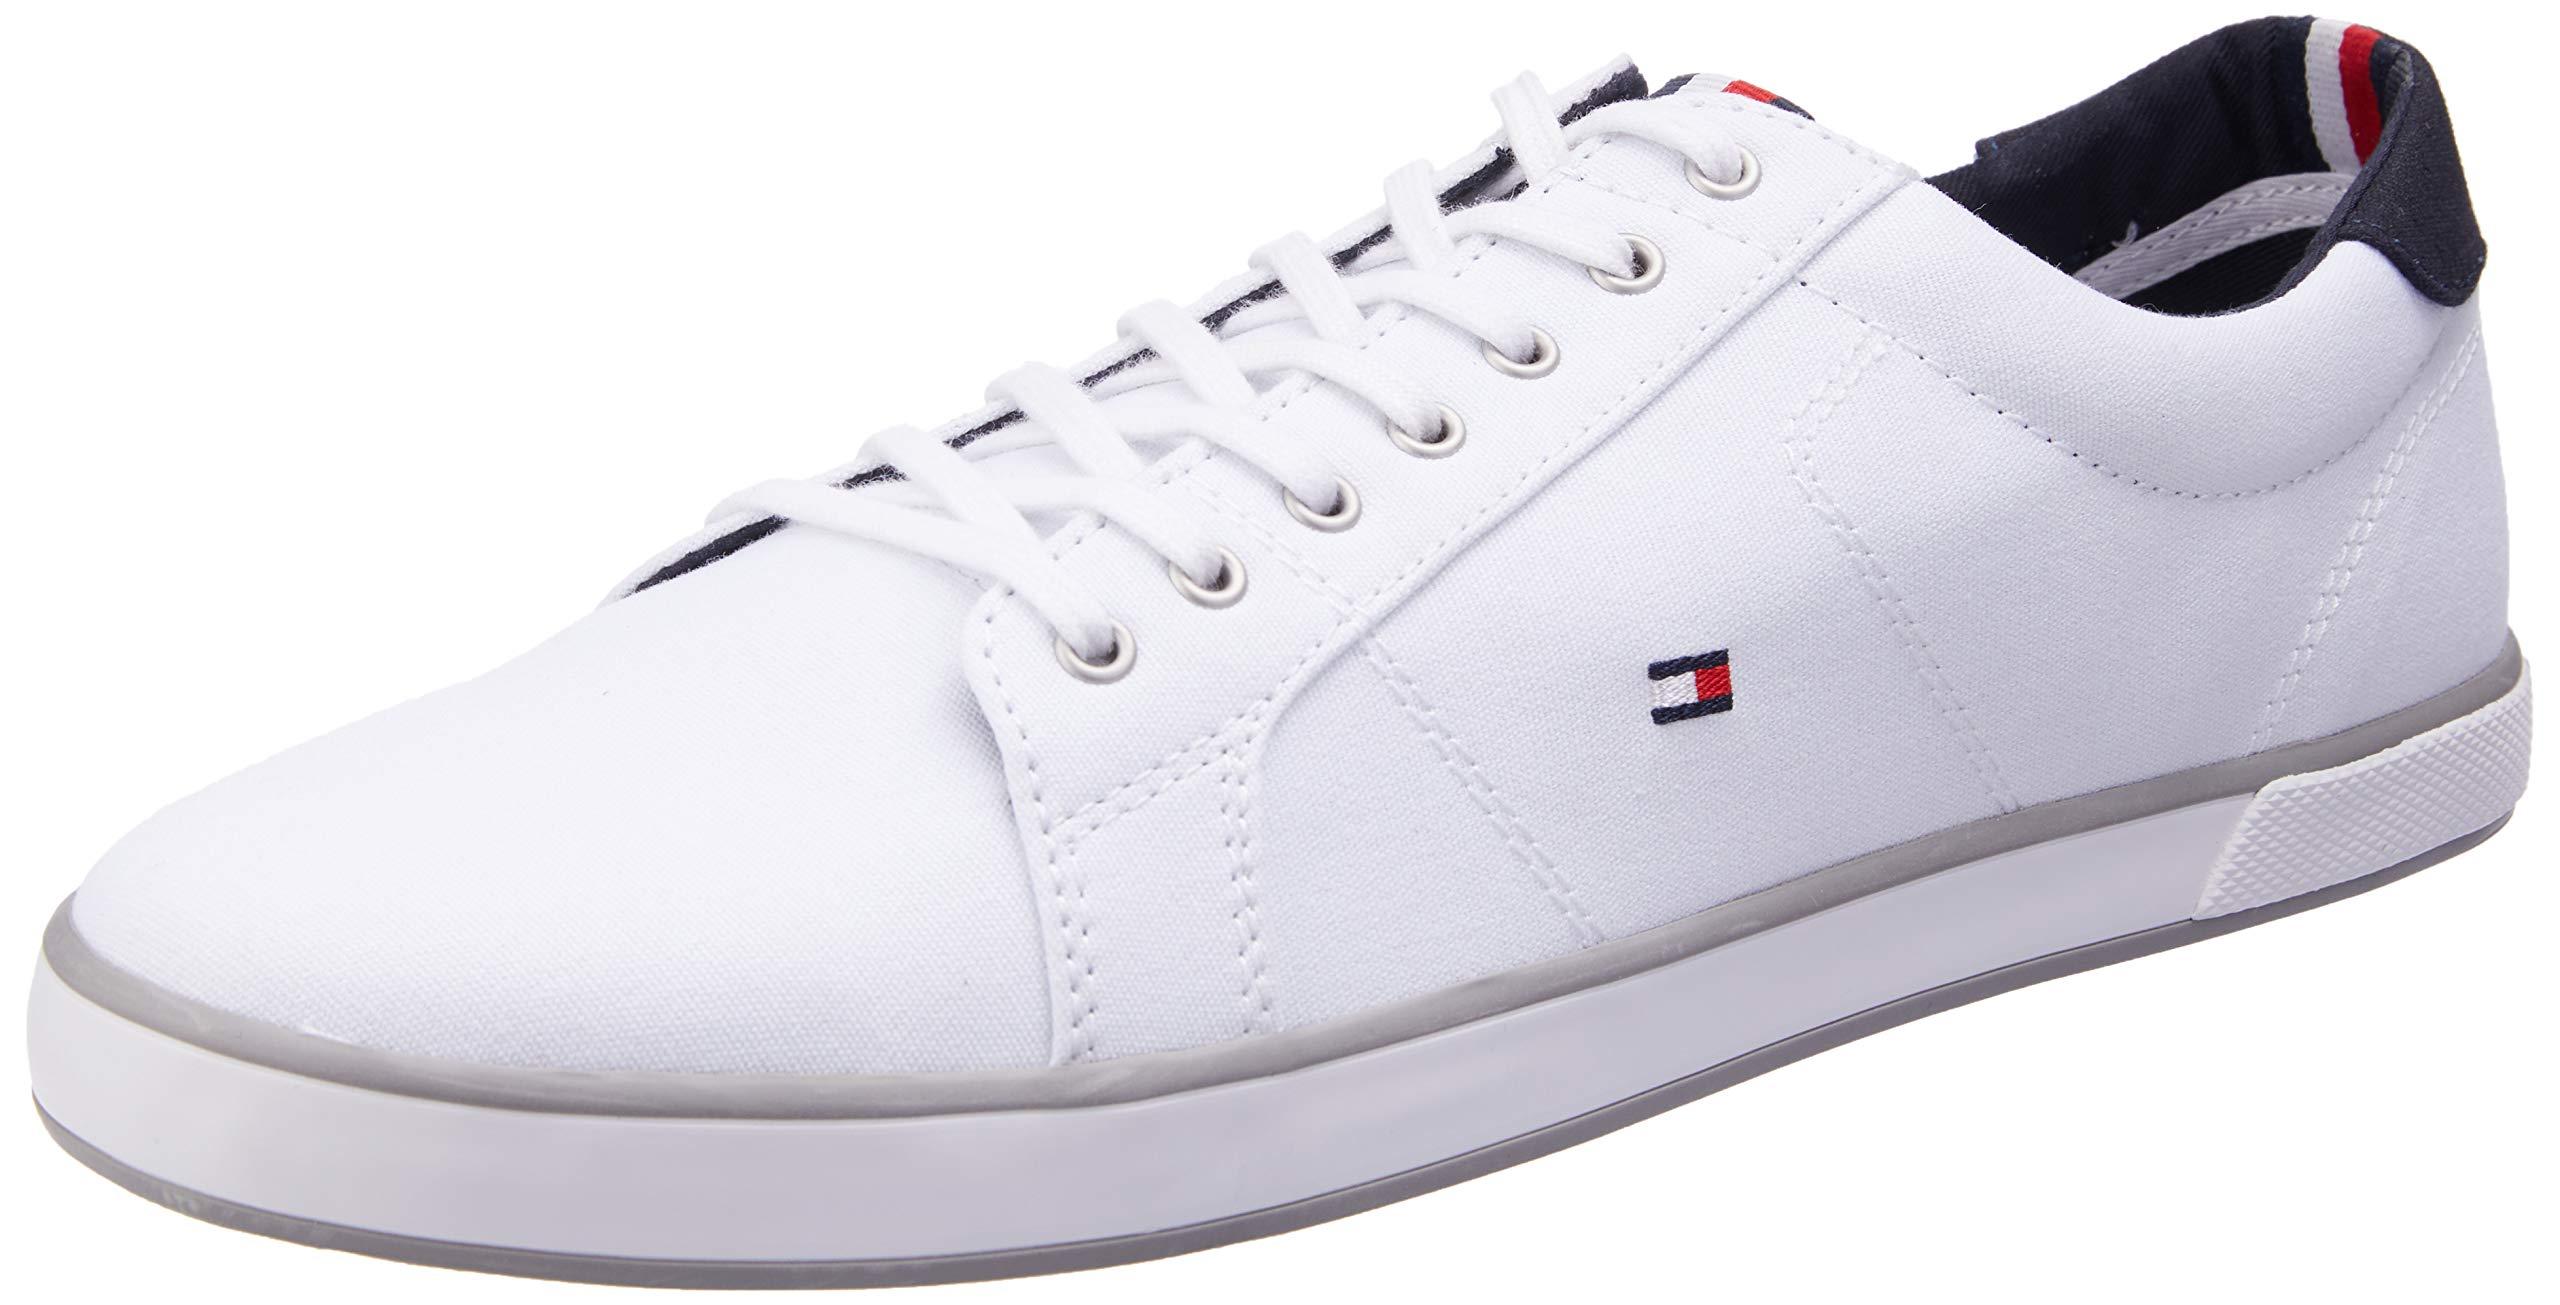 Men's H2285arlow 1d Low-Top Sneakers